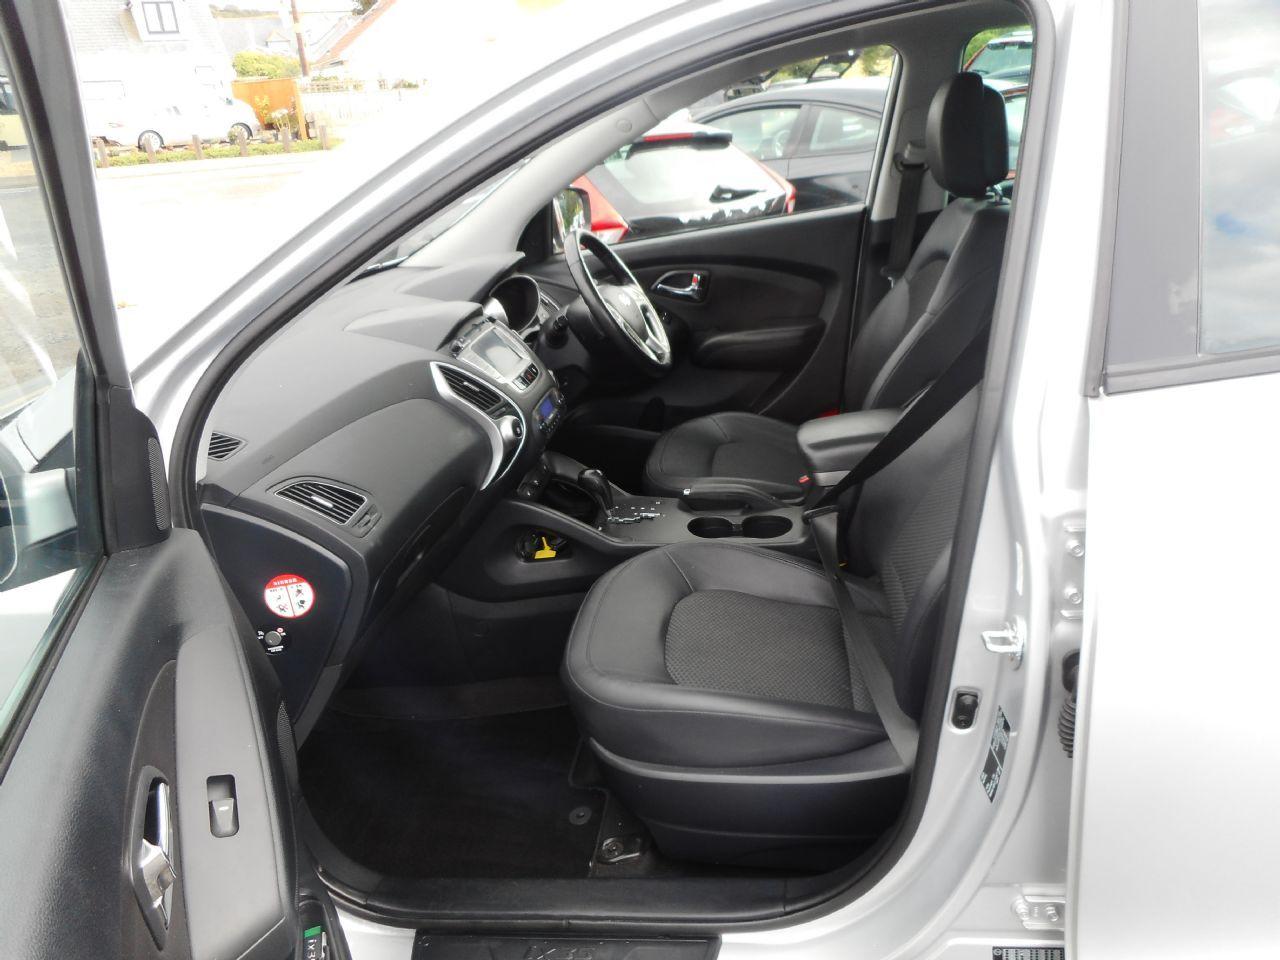 HYUNDAI IX35 2.0 CRDi 4WD Premium Auto (2011) - Picture 9